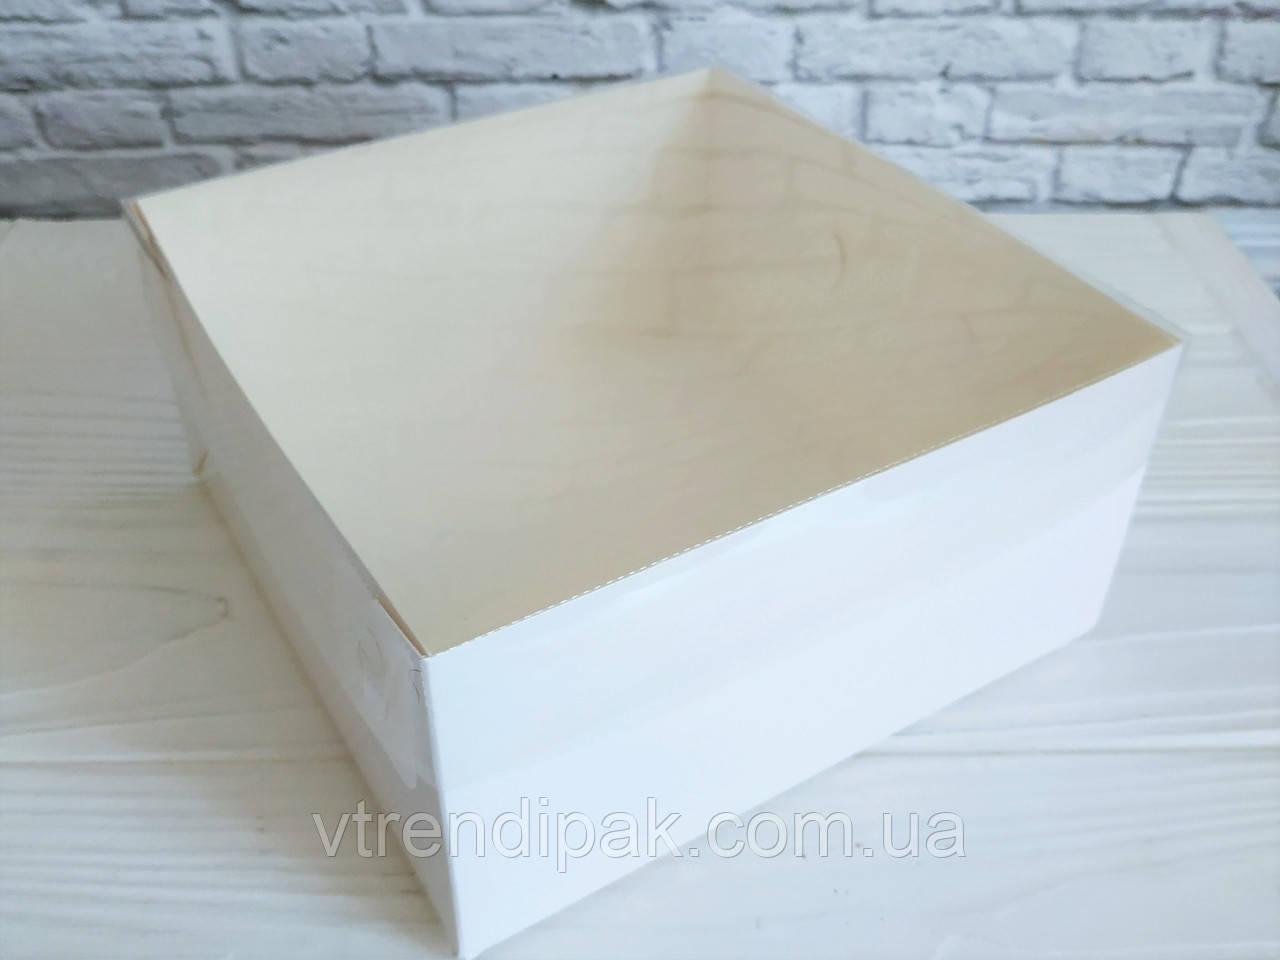 """Коробка з прозорою кришкою ПВХ 160*160*80 без вставки """"Біла"""" без вставки"""